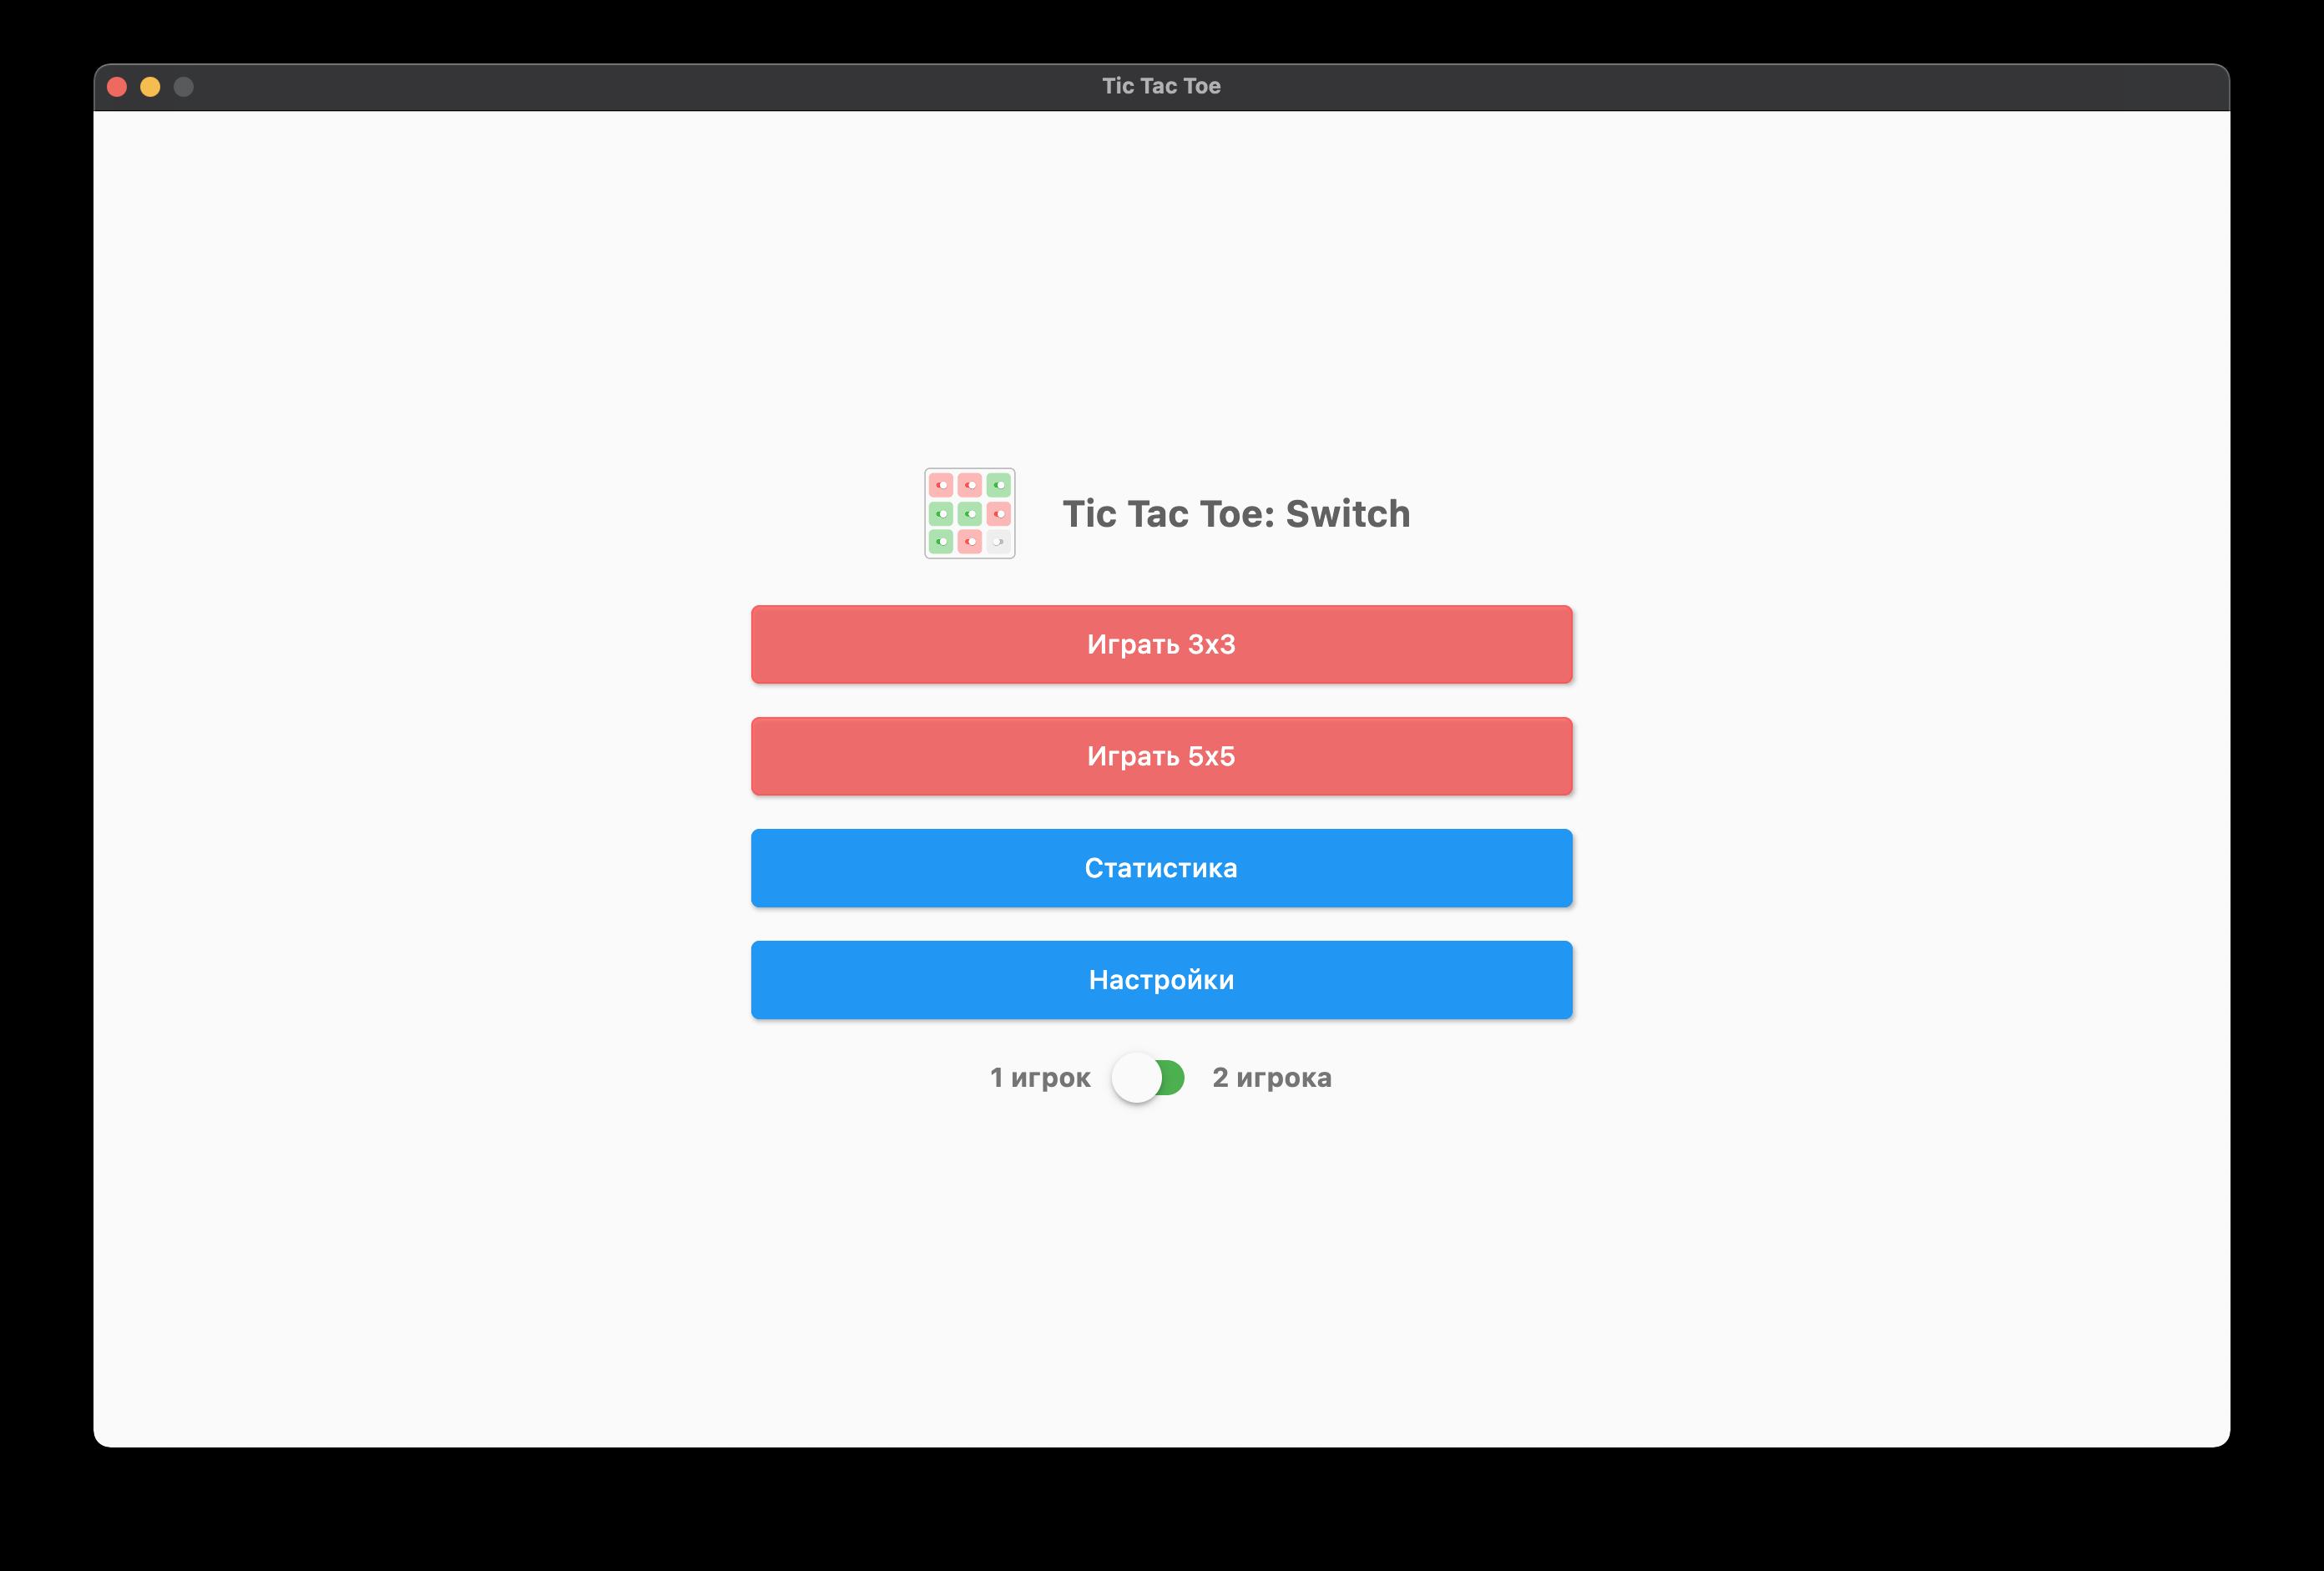 Игра Tic Tac Toe: Switch для Mac OS купить